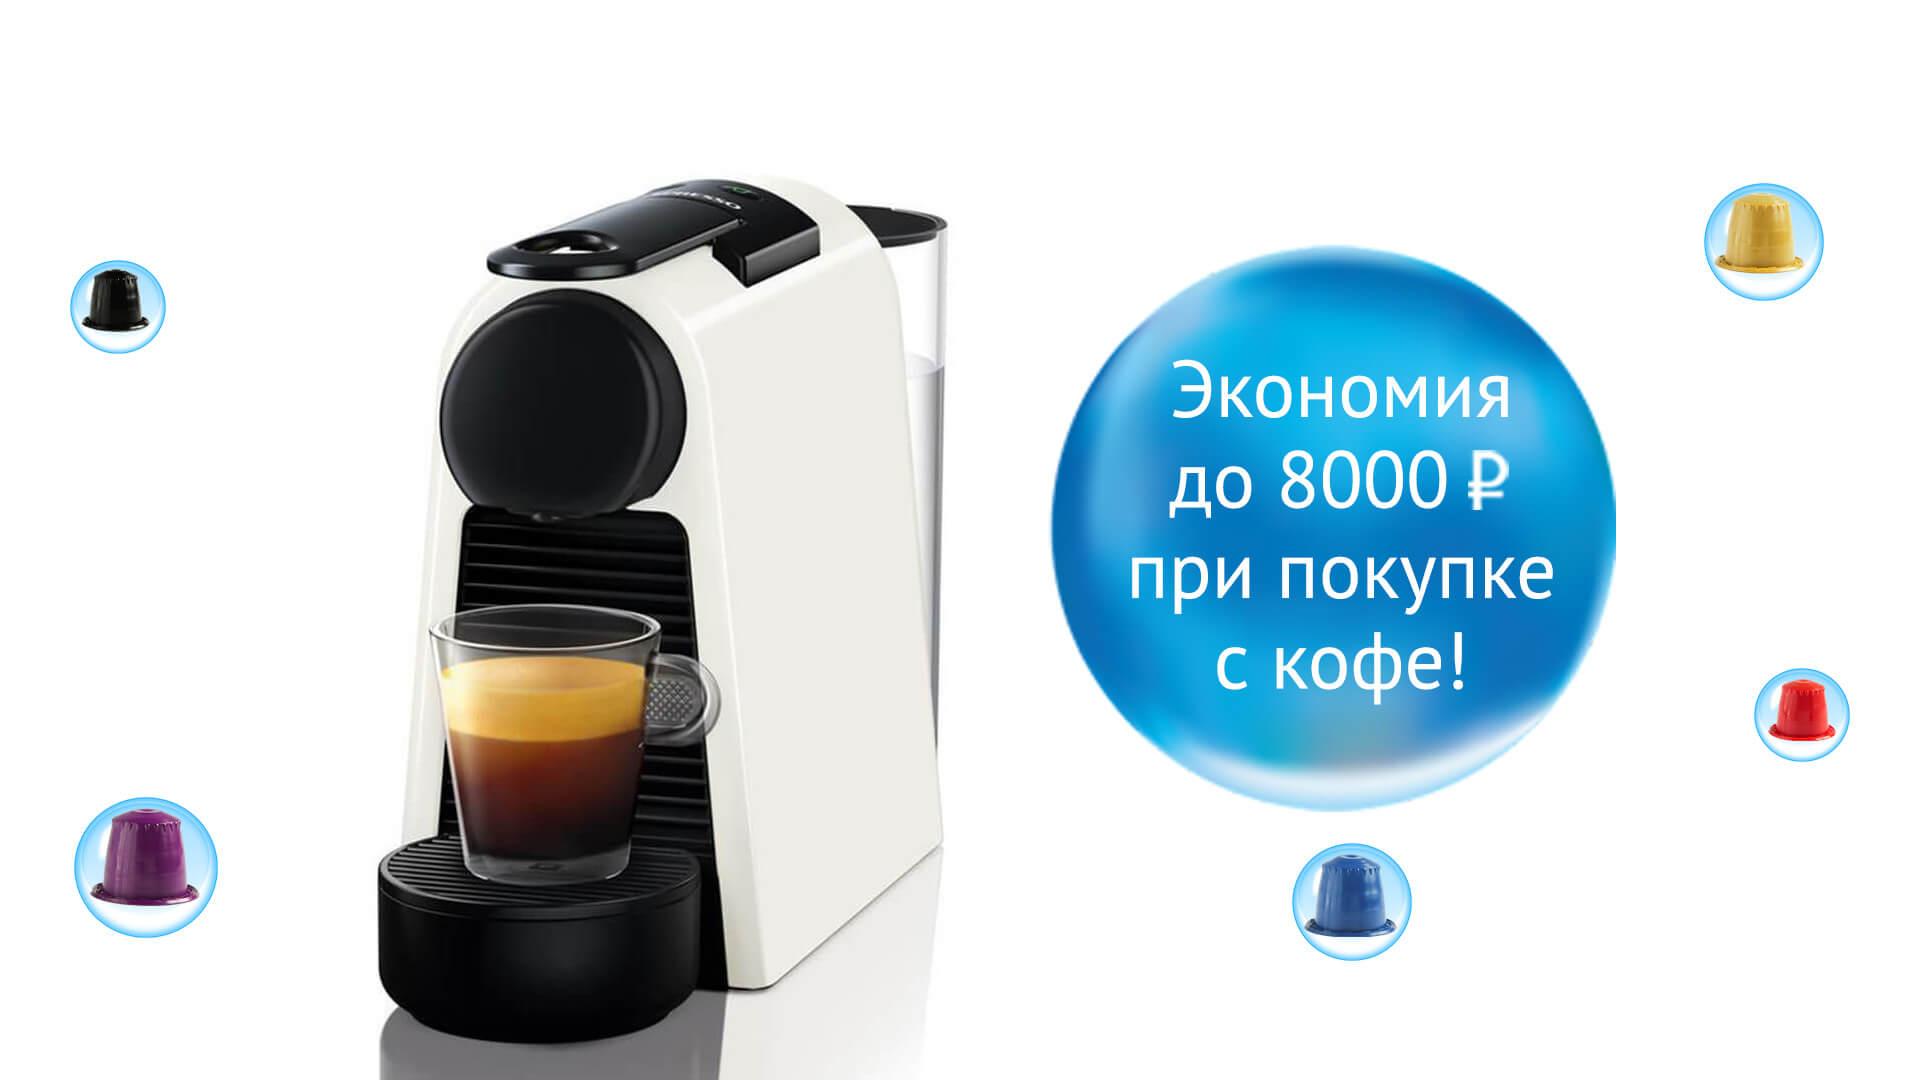 Белая кофемашина Nespresso Essenza Mini со скидкой до 8000 рублей при покупке с кофе